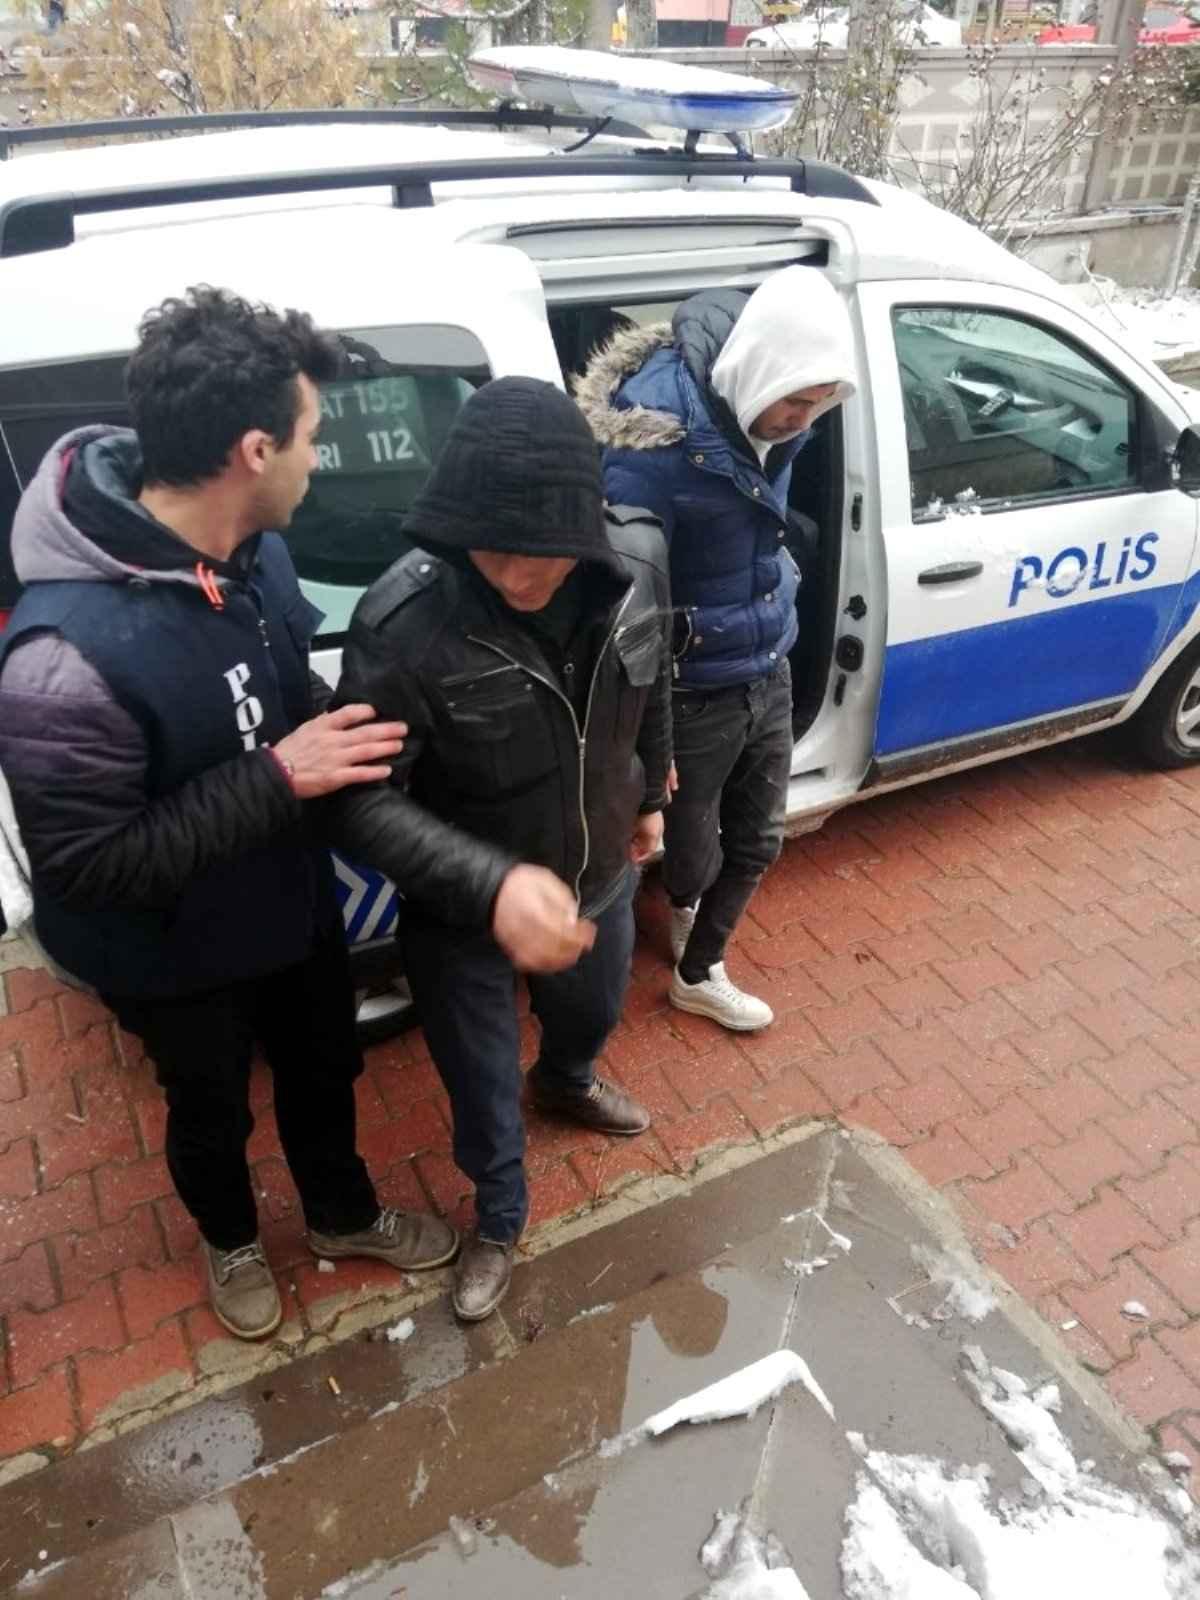 Afyonkarahisar da uyuşturucu operasyonu, 6 gözaltı